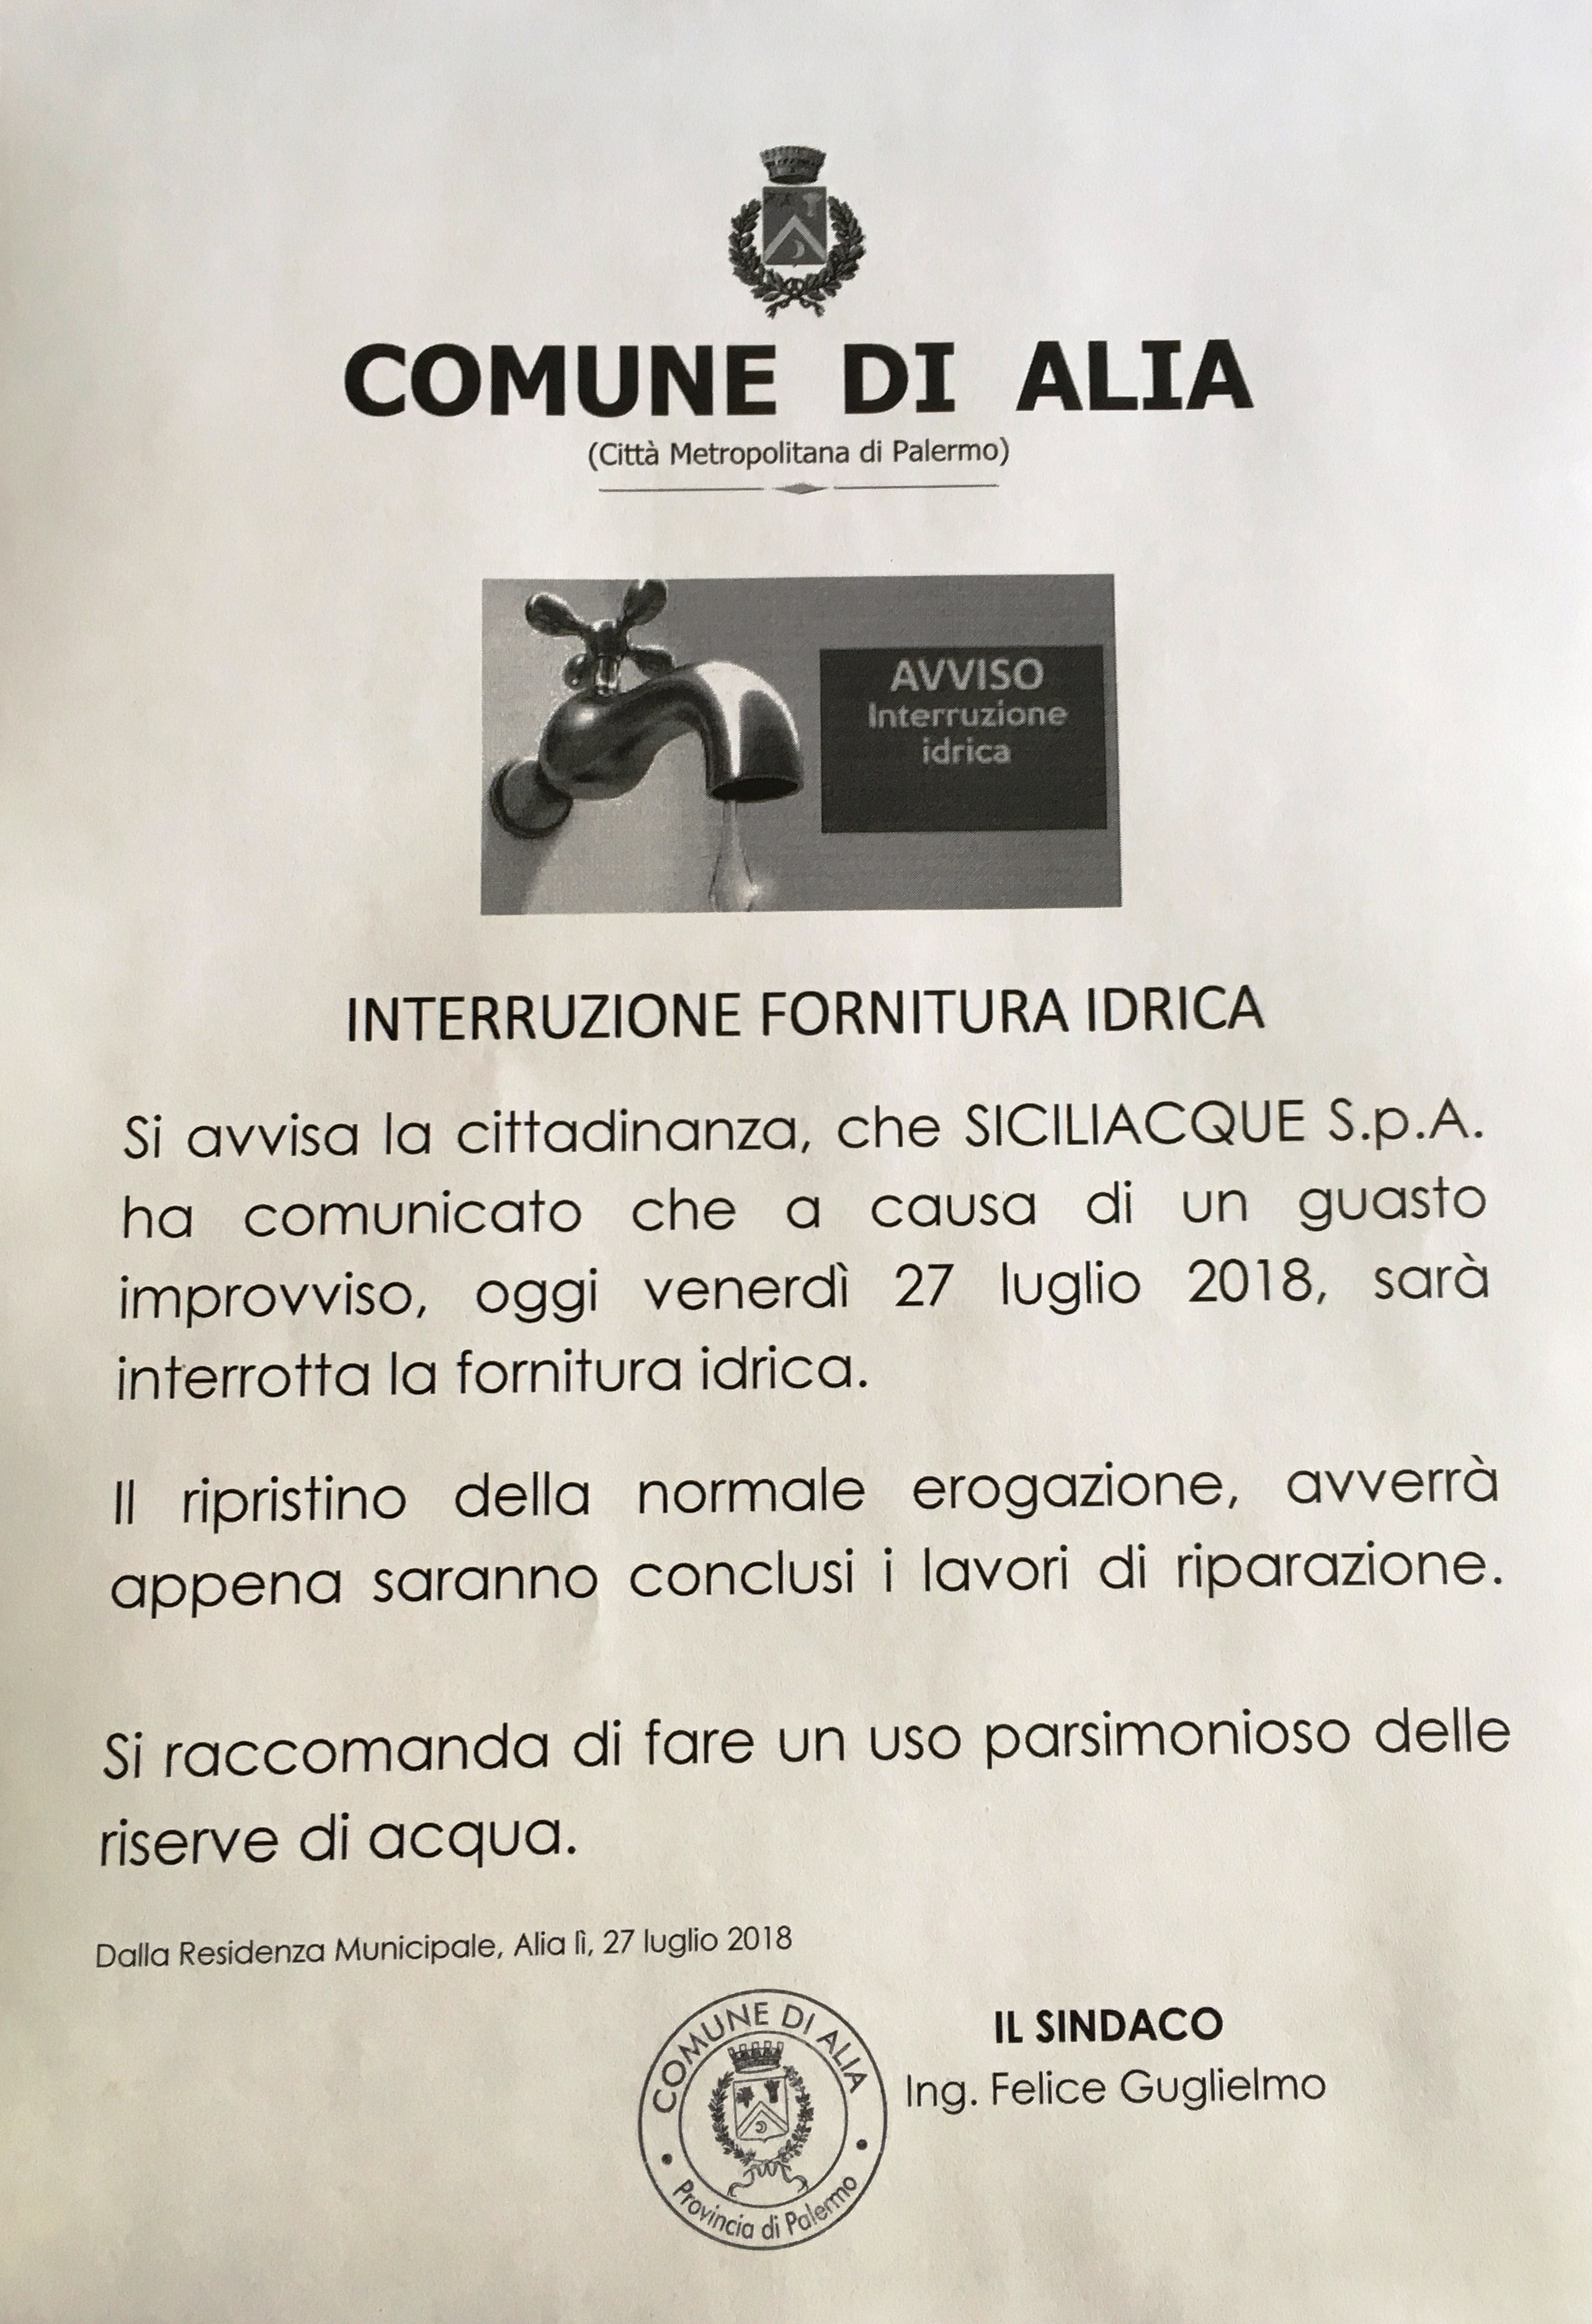 INTERRUZIONE FORNITURA IDRICA 27 LUGLIO 2018